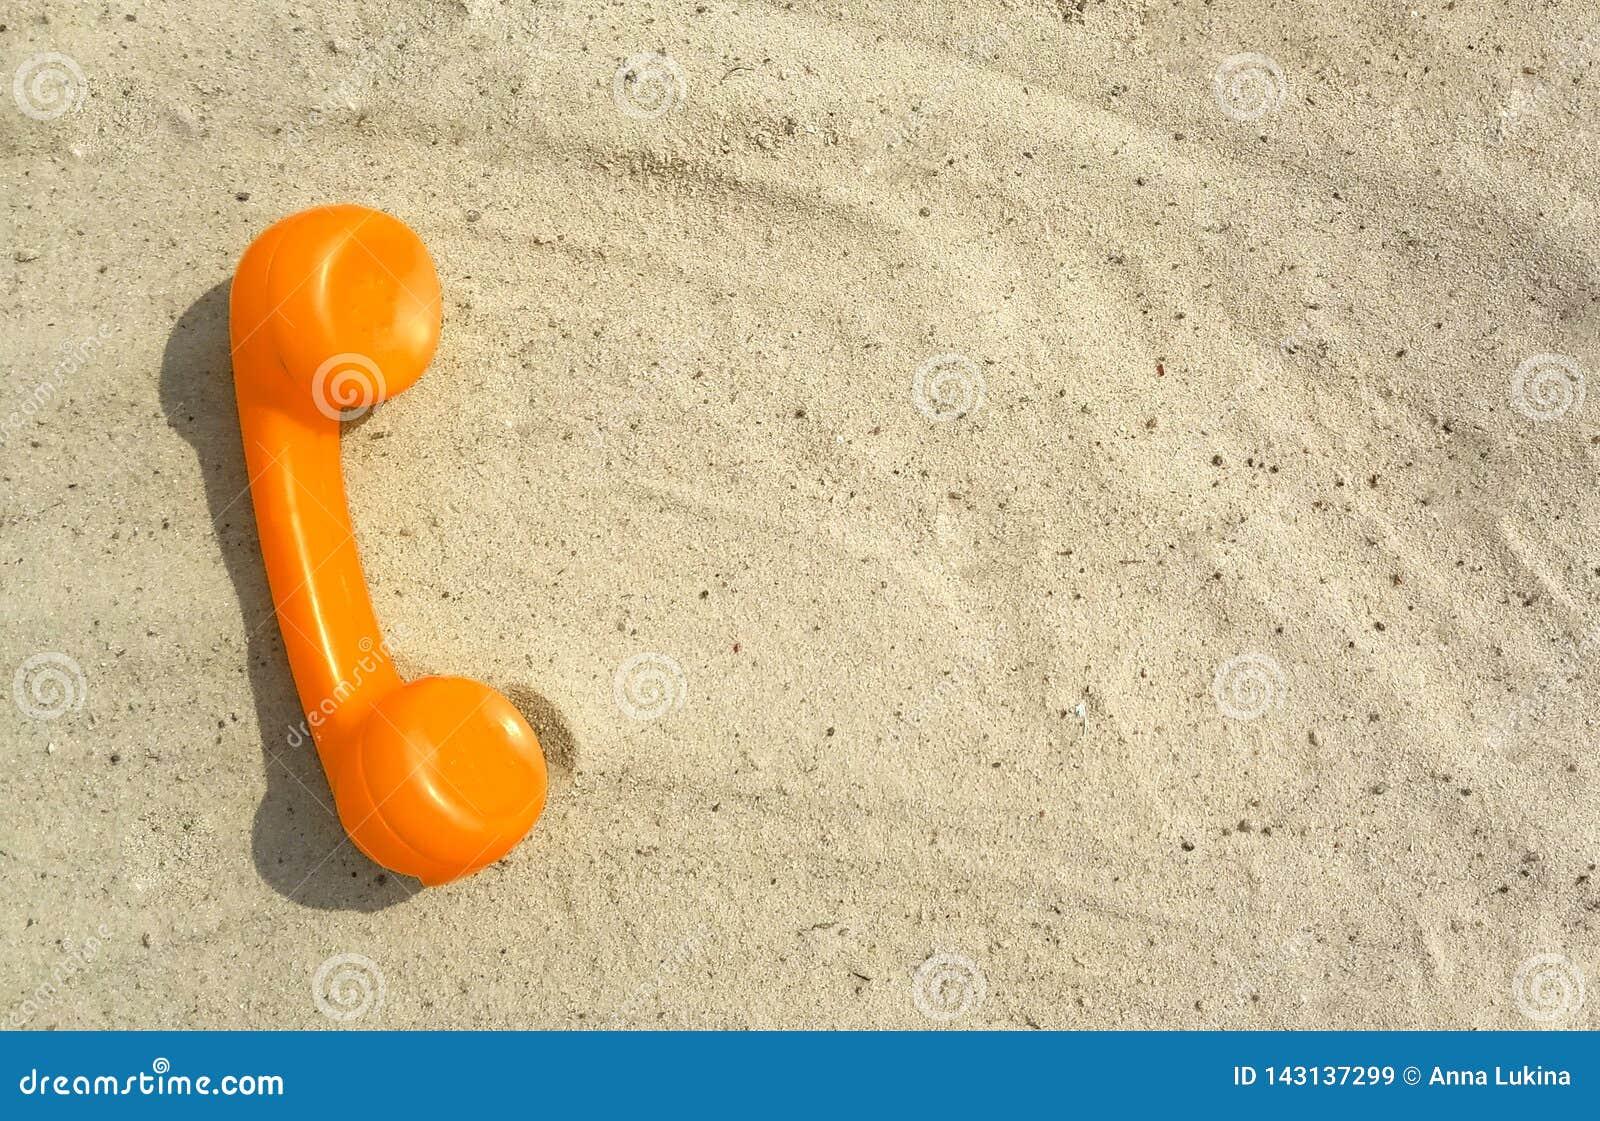 Оранжевая трубка старого винтажного телефона лежит на песке